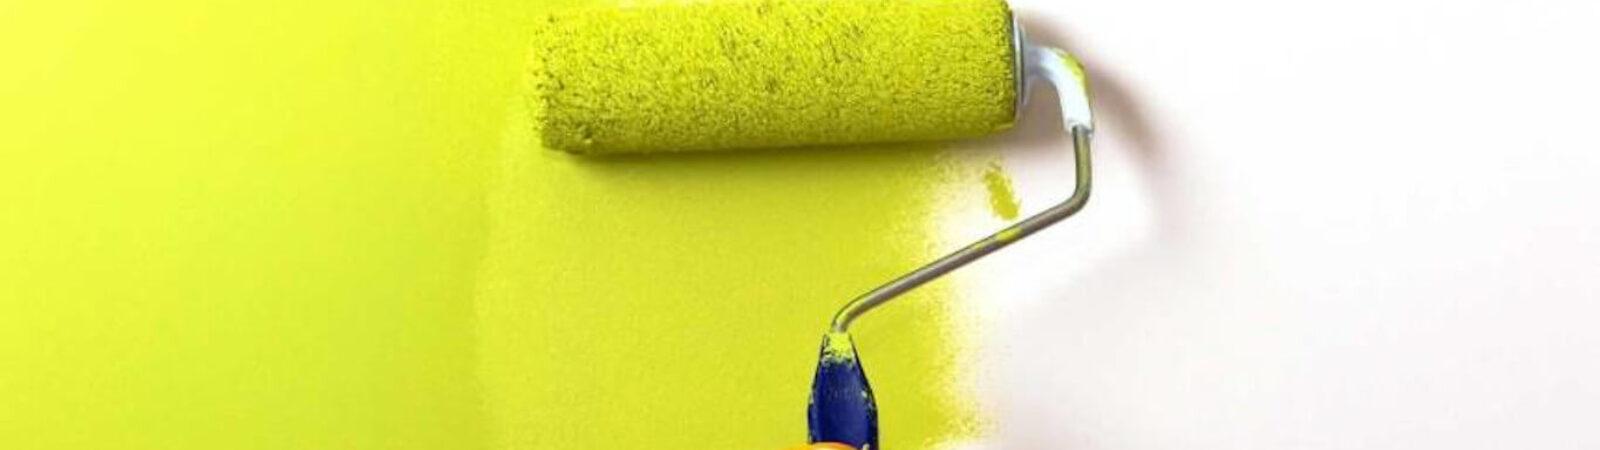 Как правильно красить стены валиком, особенности процесса